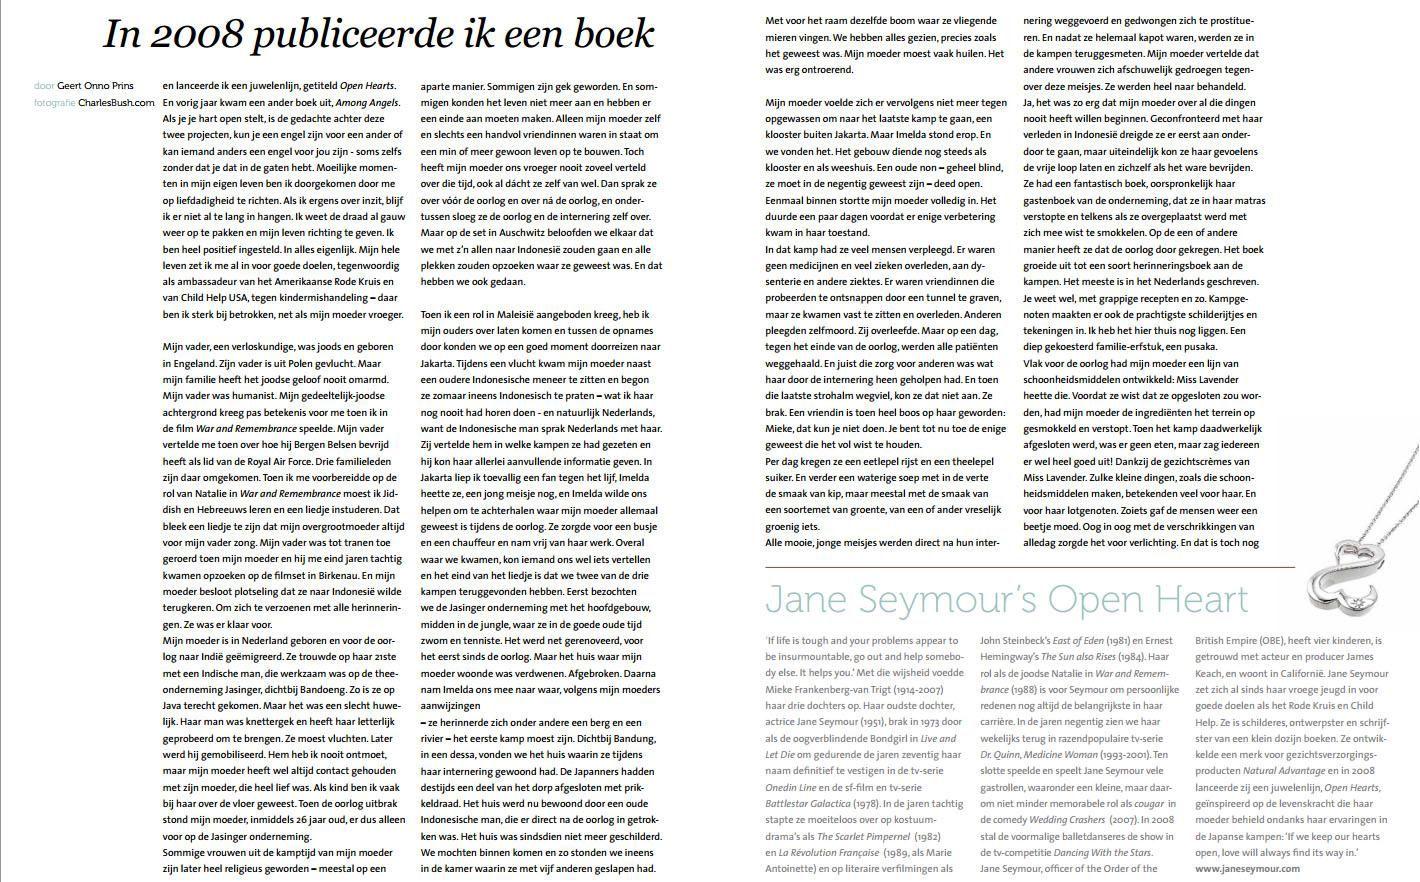 Interview met Jane Seymour uit het Indisch maandblad Moesson. © Alle rechten voor dit artikel gaan naar Moesson. Dank aan hen voor het geven van toestemming om het artikel te publiceren op drquinn.nl. http://www.moesson.nl